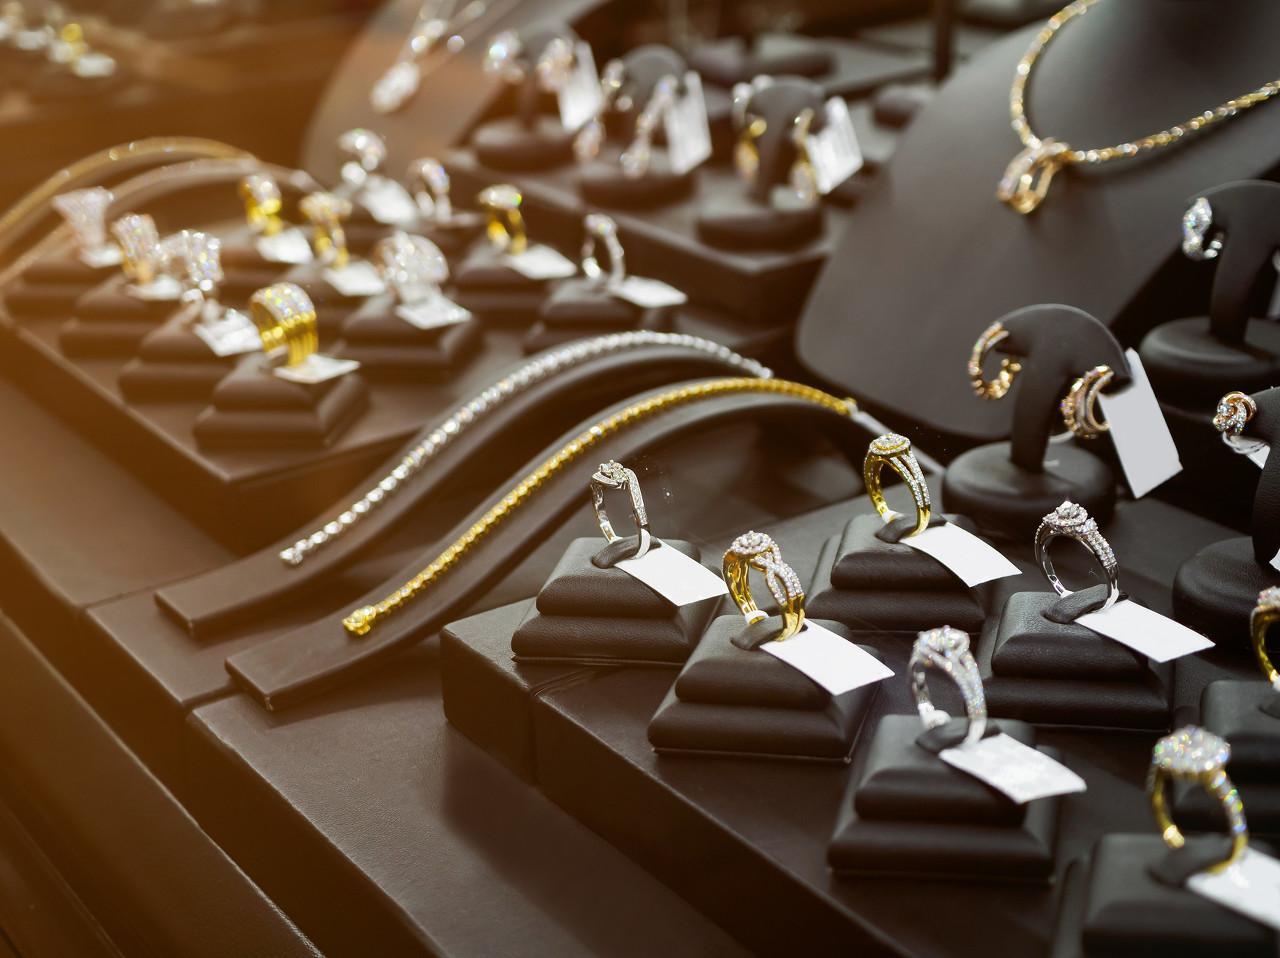 意大利珠宝品牌Mattioli 推出珠宝新品 建筑元素尽显视觉张力